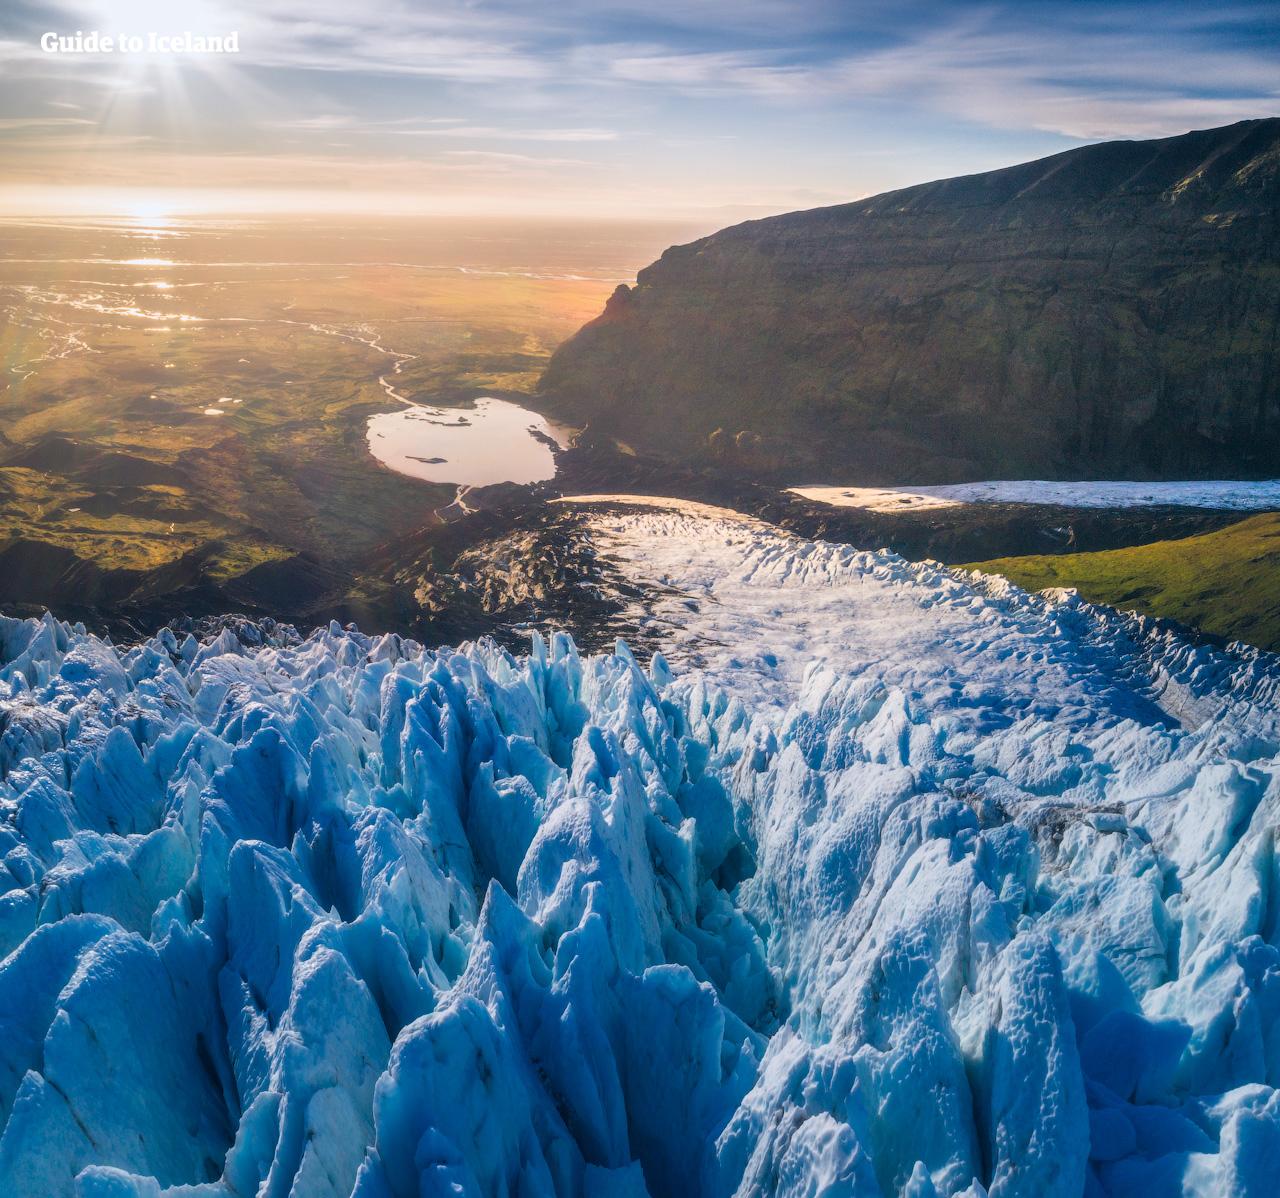 Rejs til sydkysten af Island på en kør selv-sommerferie for at se det sorte sand, de hvide gletsjere og den grønne flora.